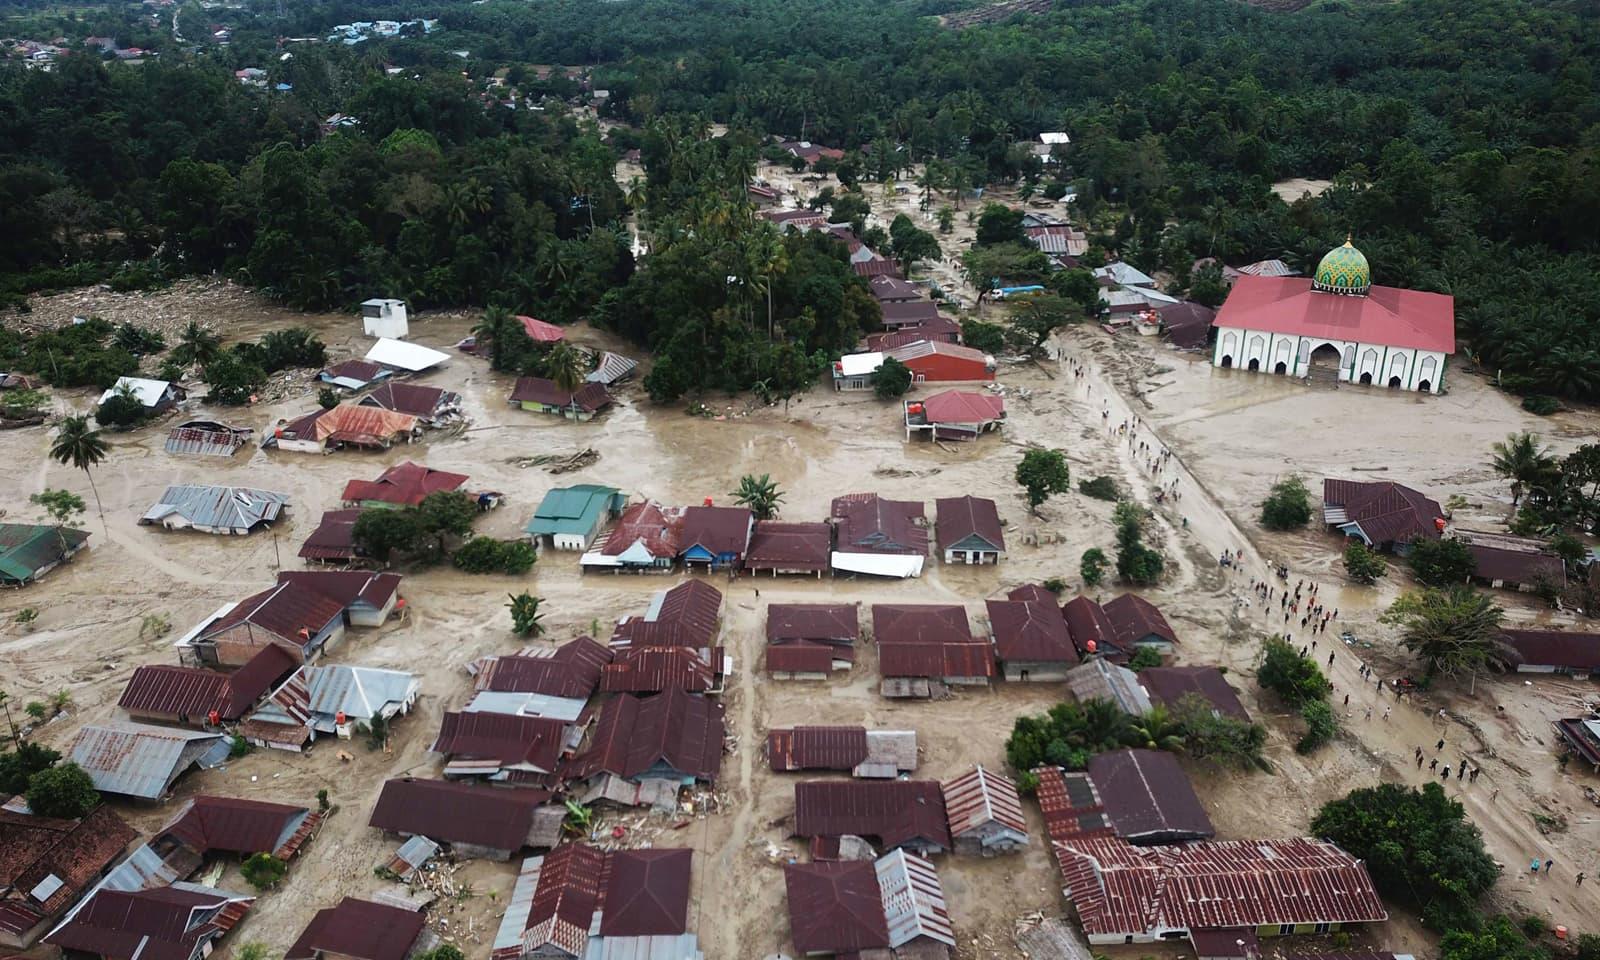 انڈونیشیا کے صوبے جنوبی سلاویسی میں سیلاب سے آنے والی تباہی کے بعد لووو اتارا کے علاقے کا فضائی منظر، صوبہ سلاویسی میں شدید بارشوں کے بعد آنے والے طوفان سے ہزاروں افراد بے گھر ہو گئے— فوٹو: اے پی